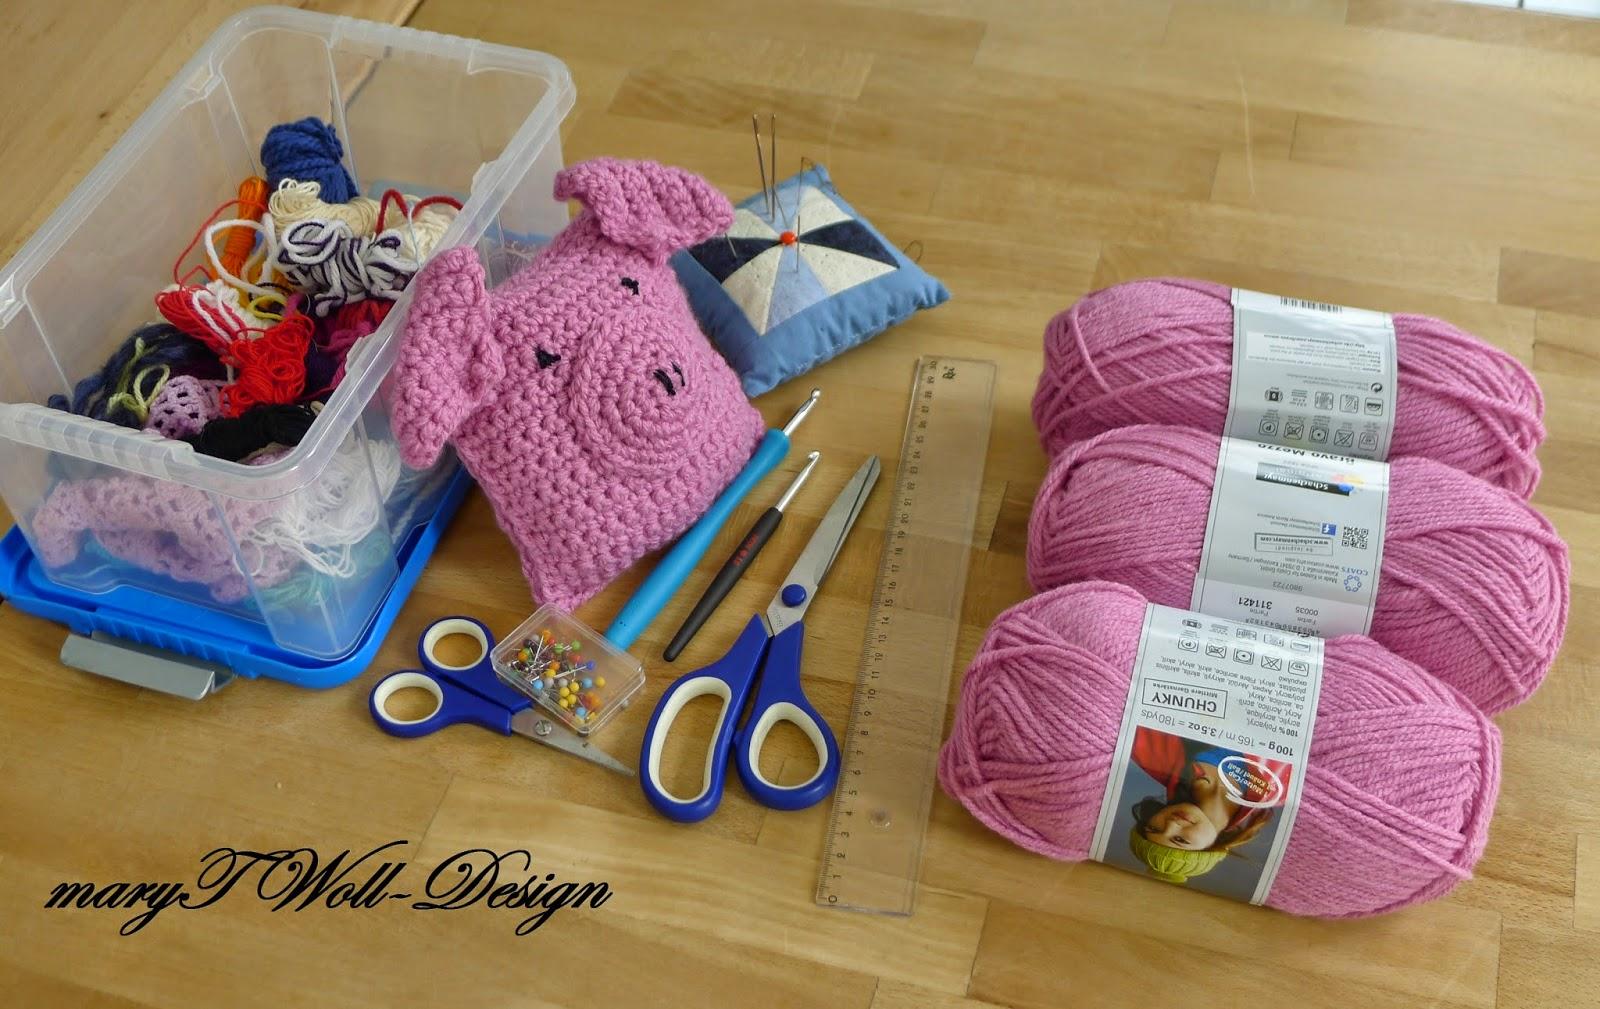 Maryt Woll Design Häkeln Mit Kinder Eine Nette Runde